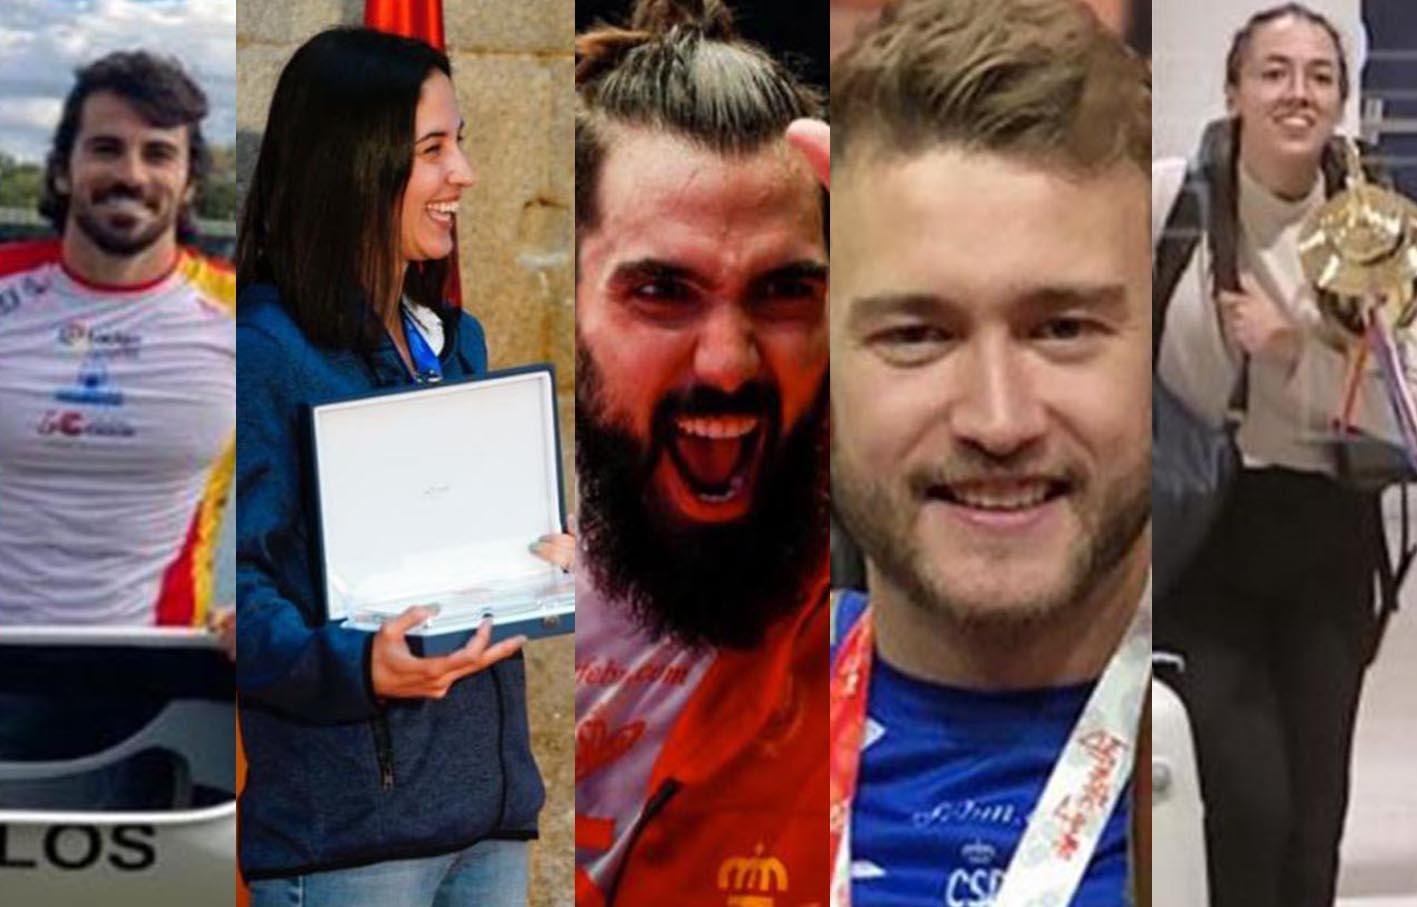 Nuestros deportistas consiguieron, a pesar de todo, reconocimiento internacional.